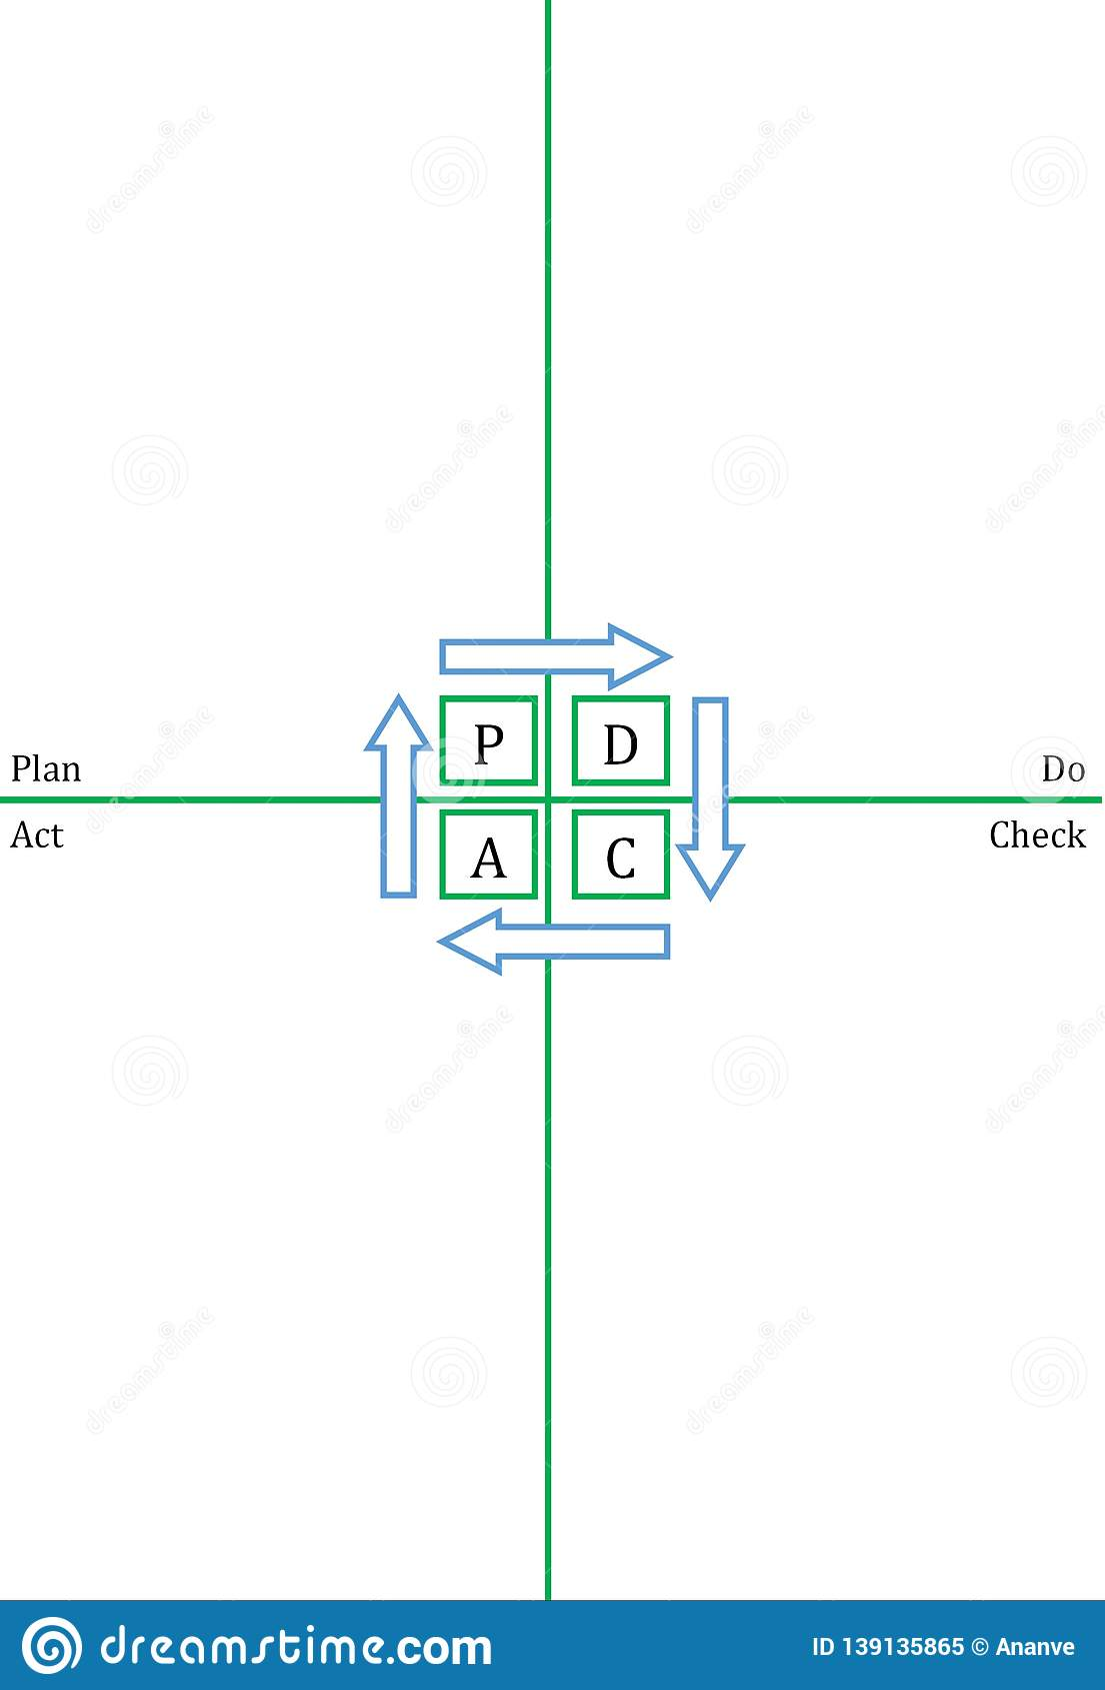 PDCA template - vertical